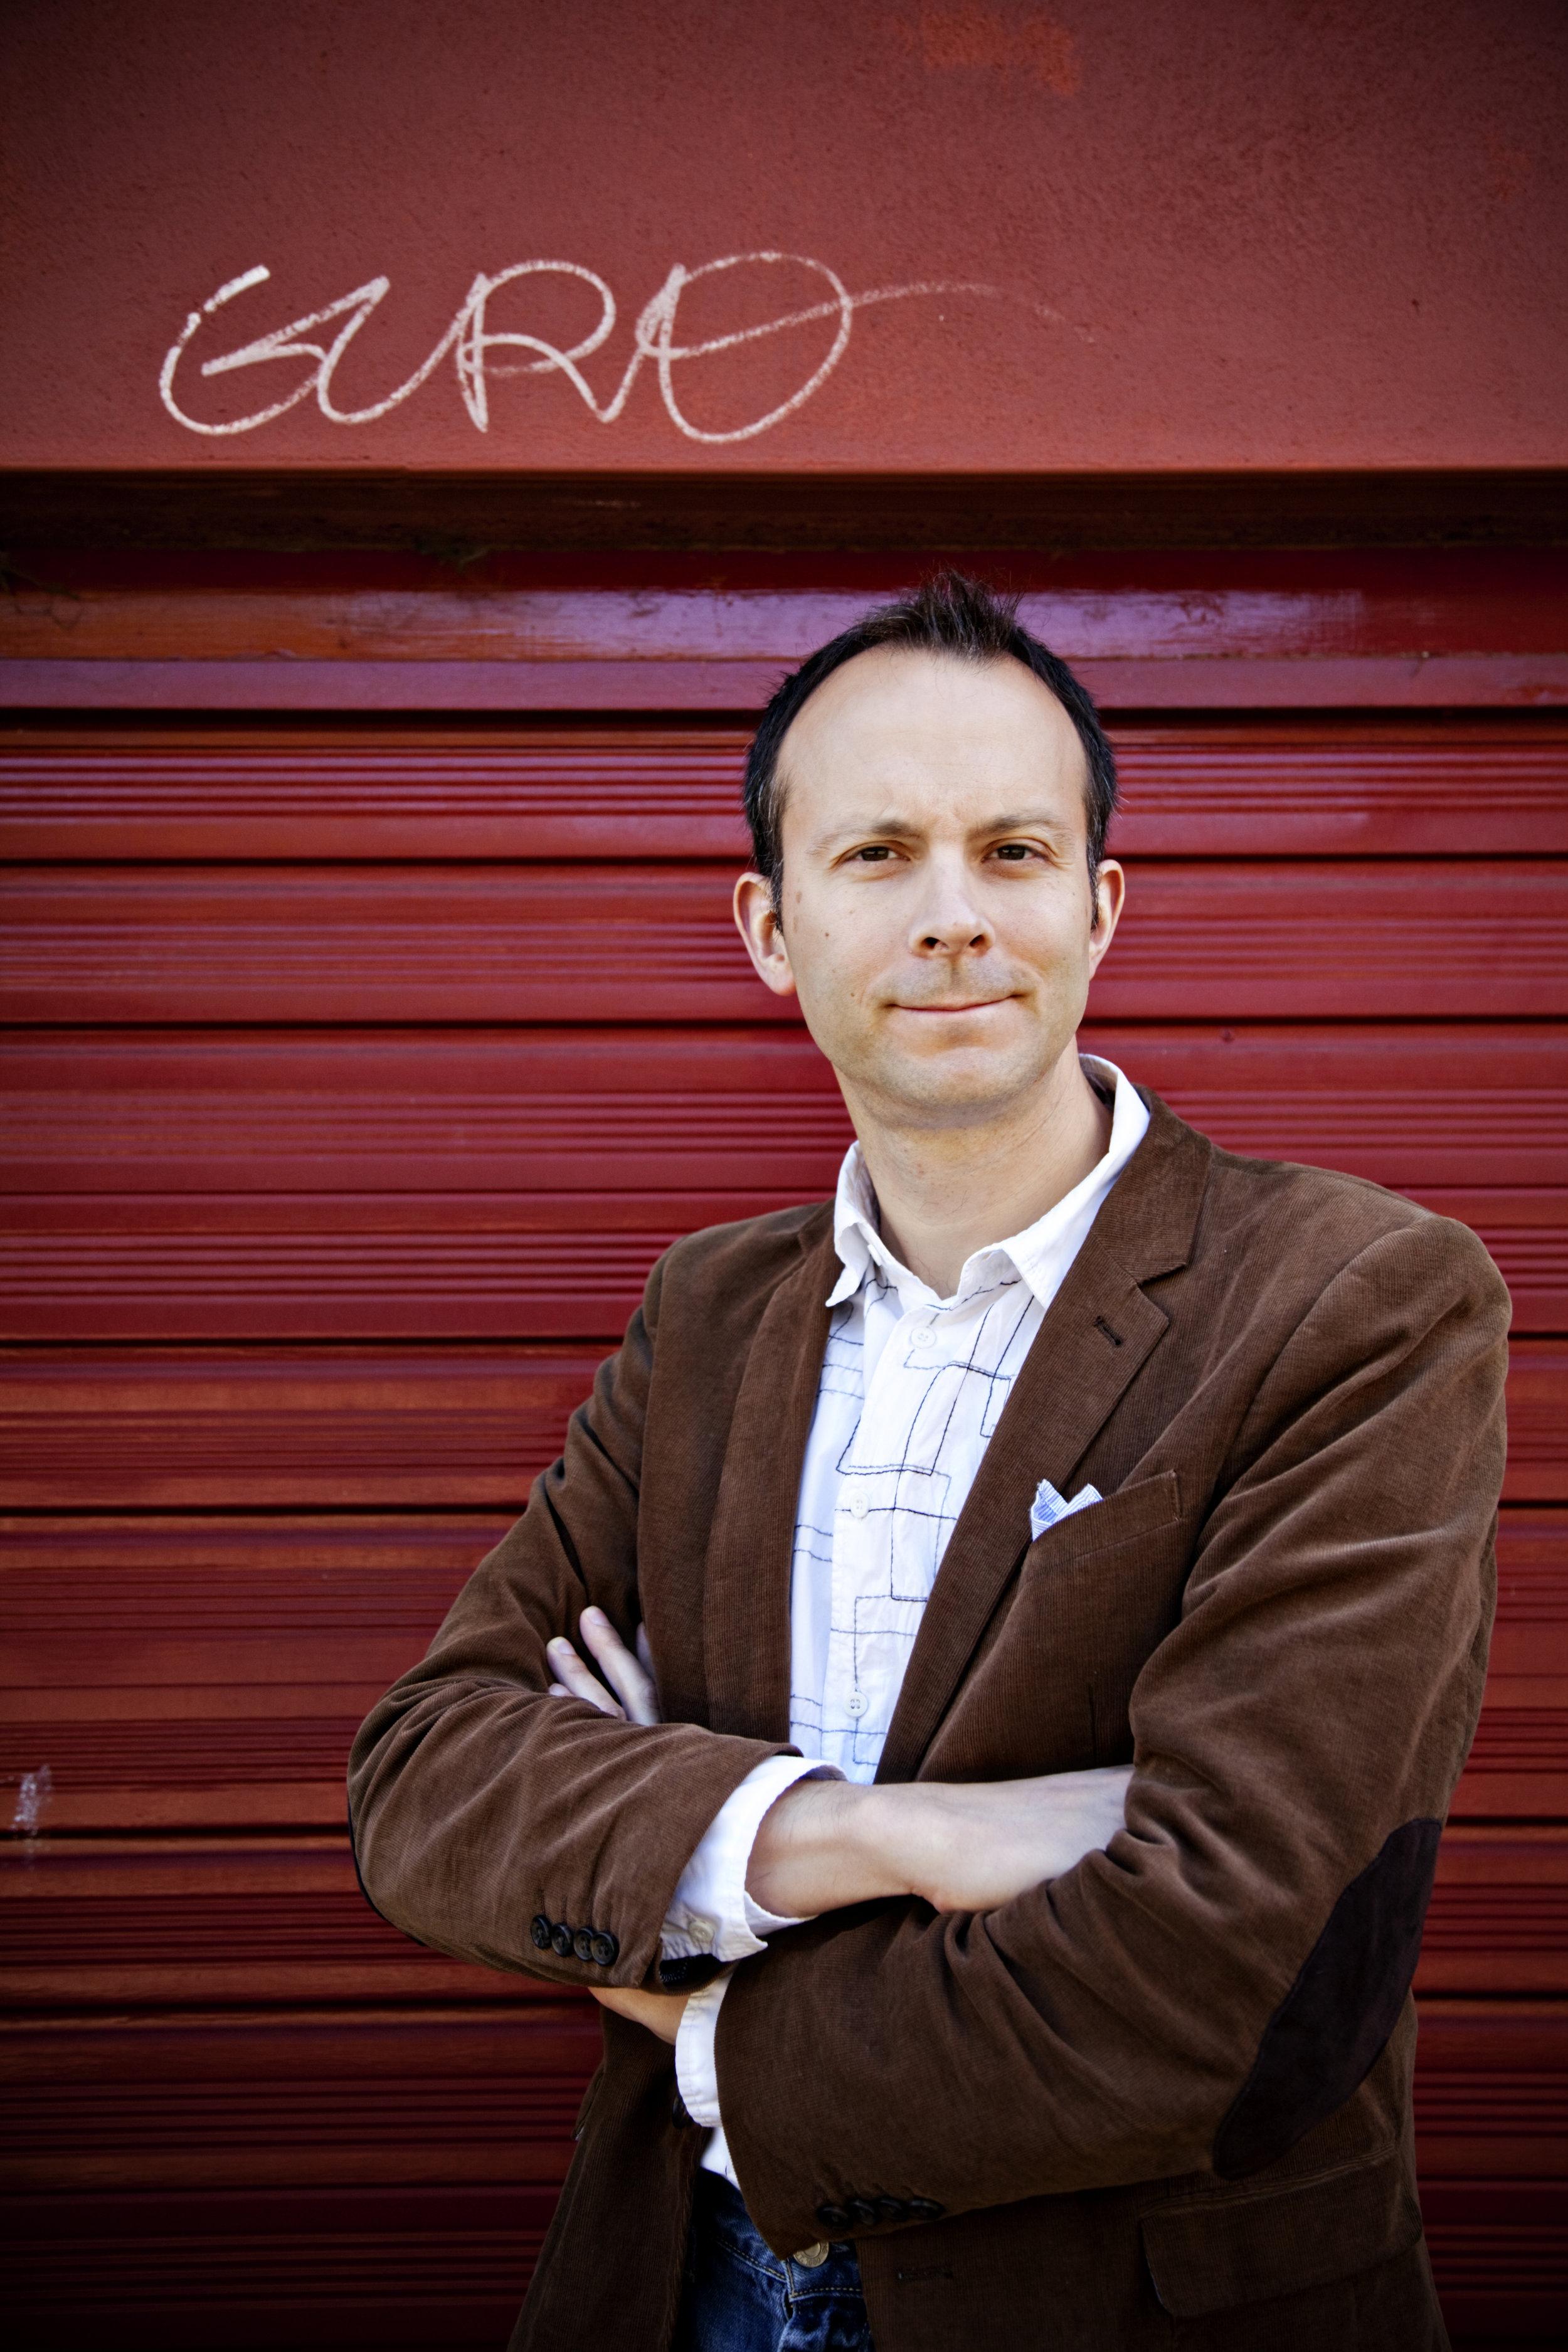 Tim Harford